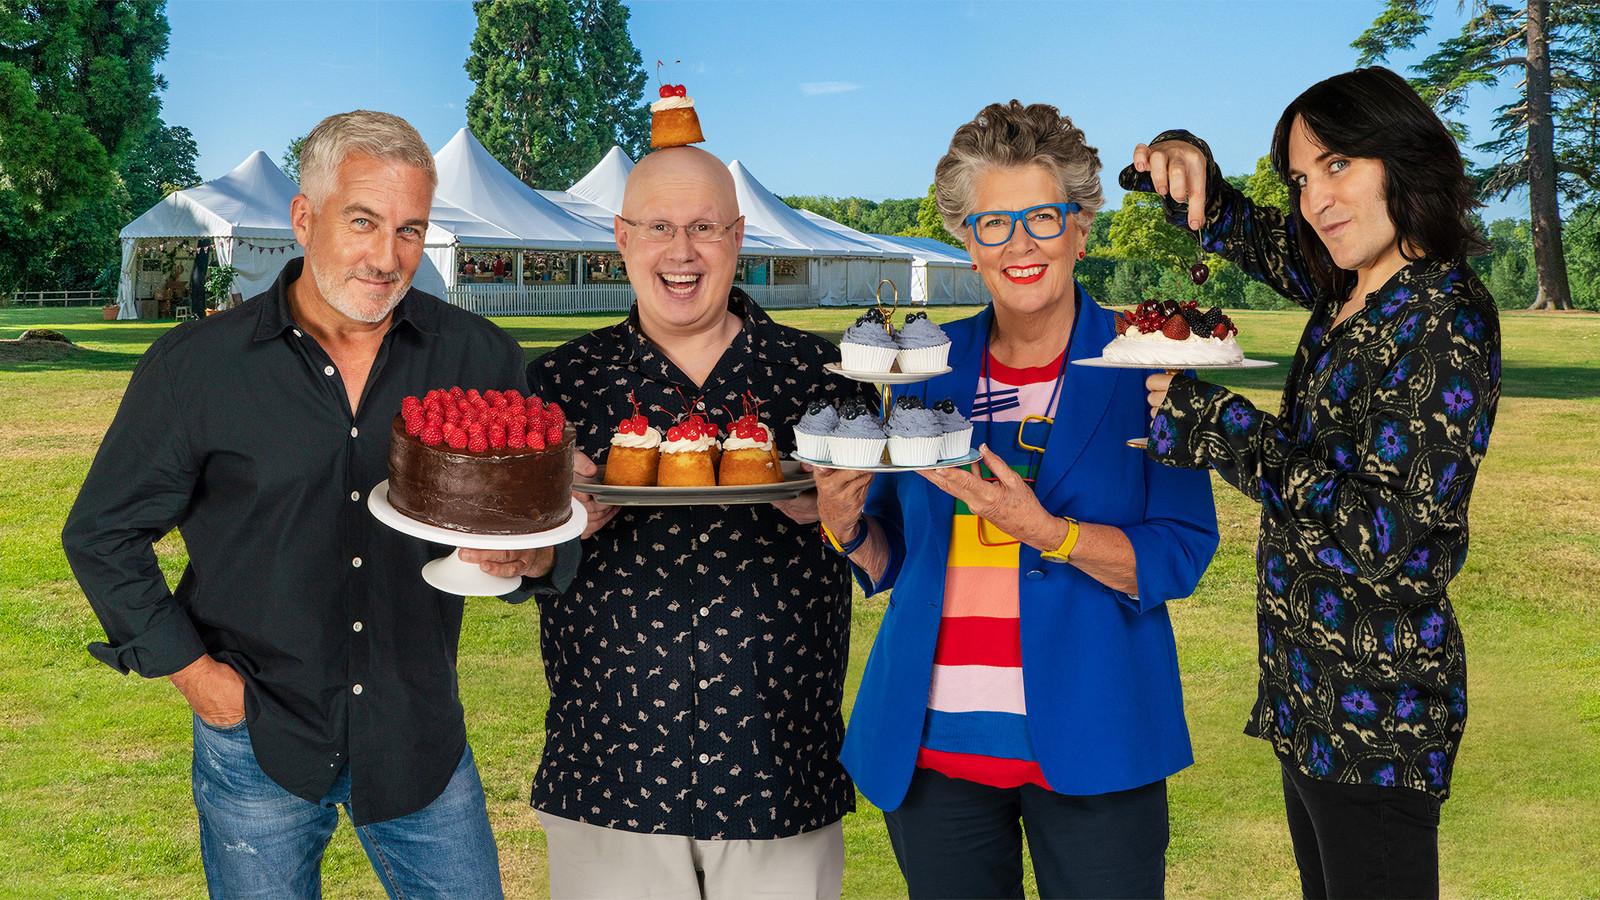 The Great British Bake Off is vanavond te zien op NPO 1.